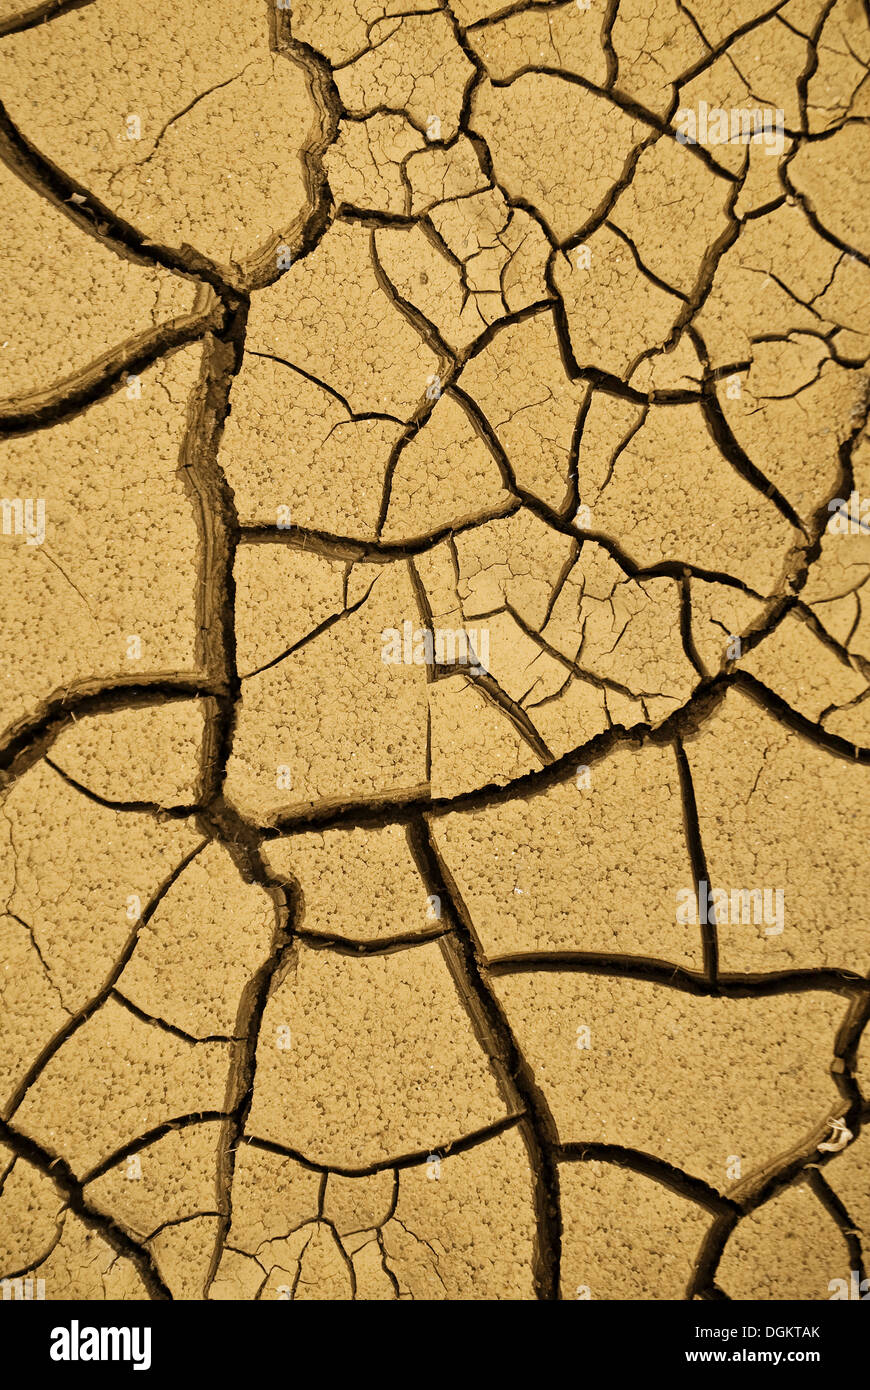 Trockener, rissiger Schlamm, symbolisches Bild für den Klimawandel Stockbild